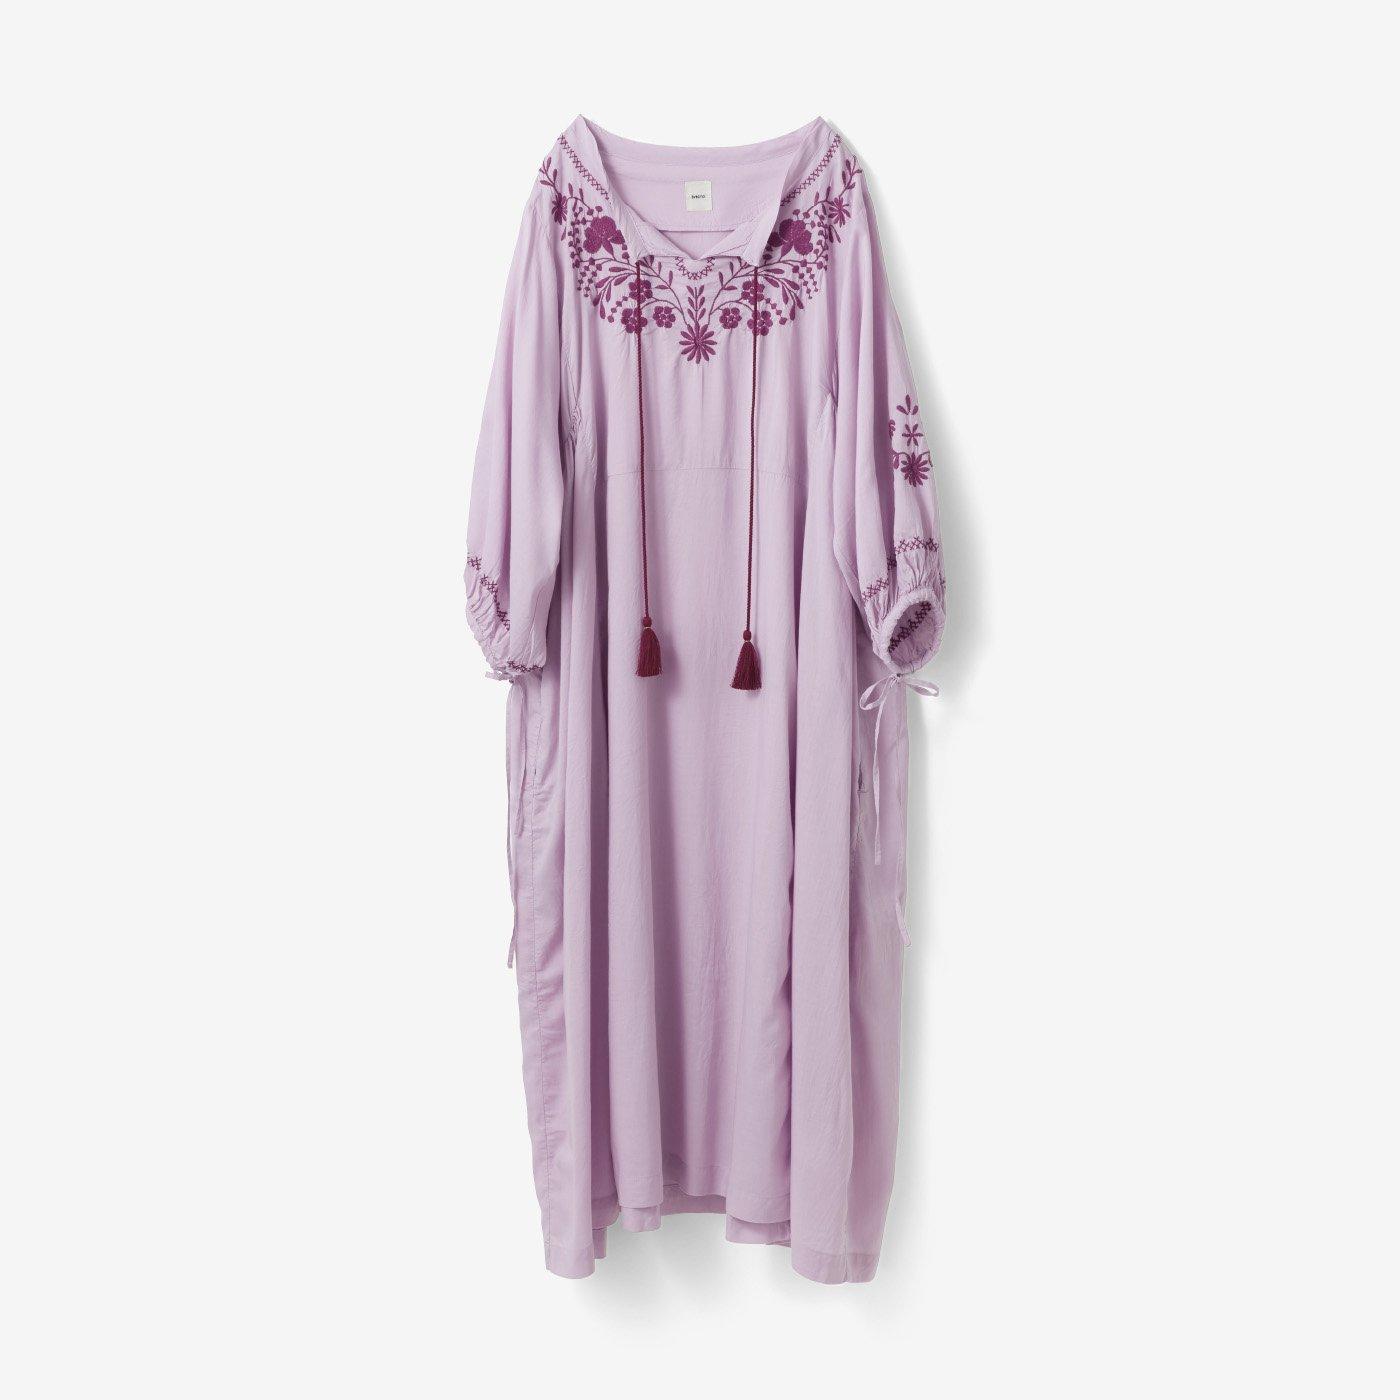 avecmoi 刺しゅうドレス〈ピンク〉